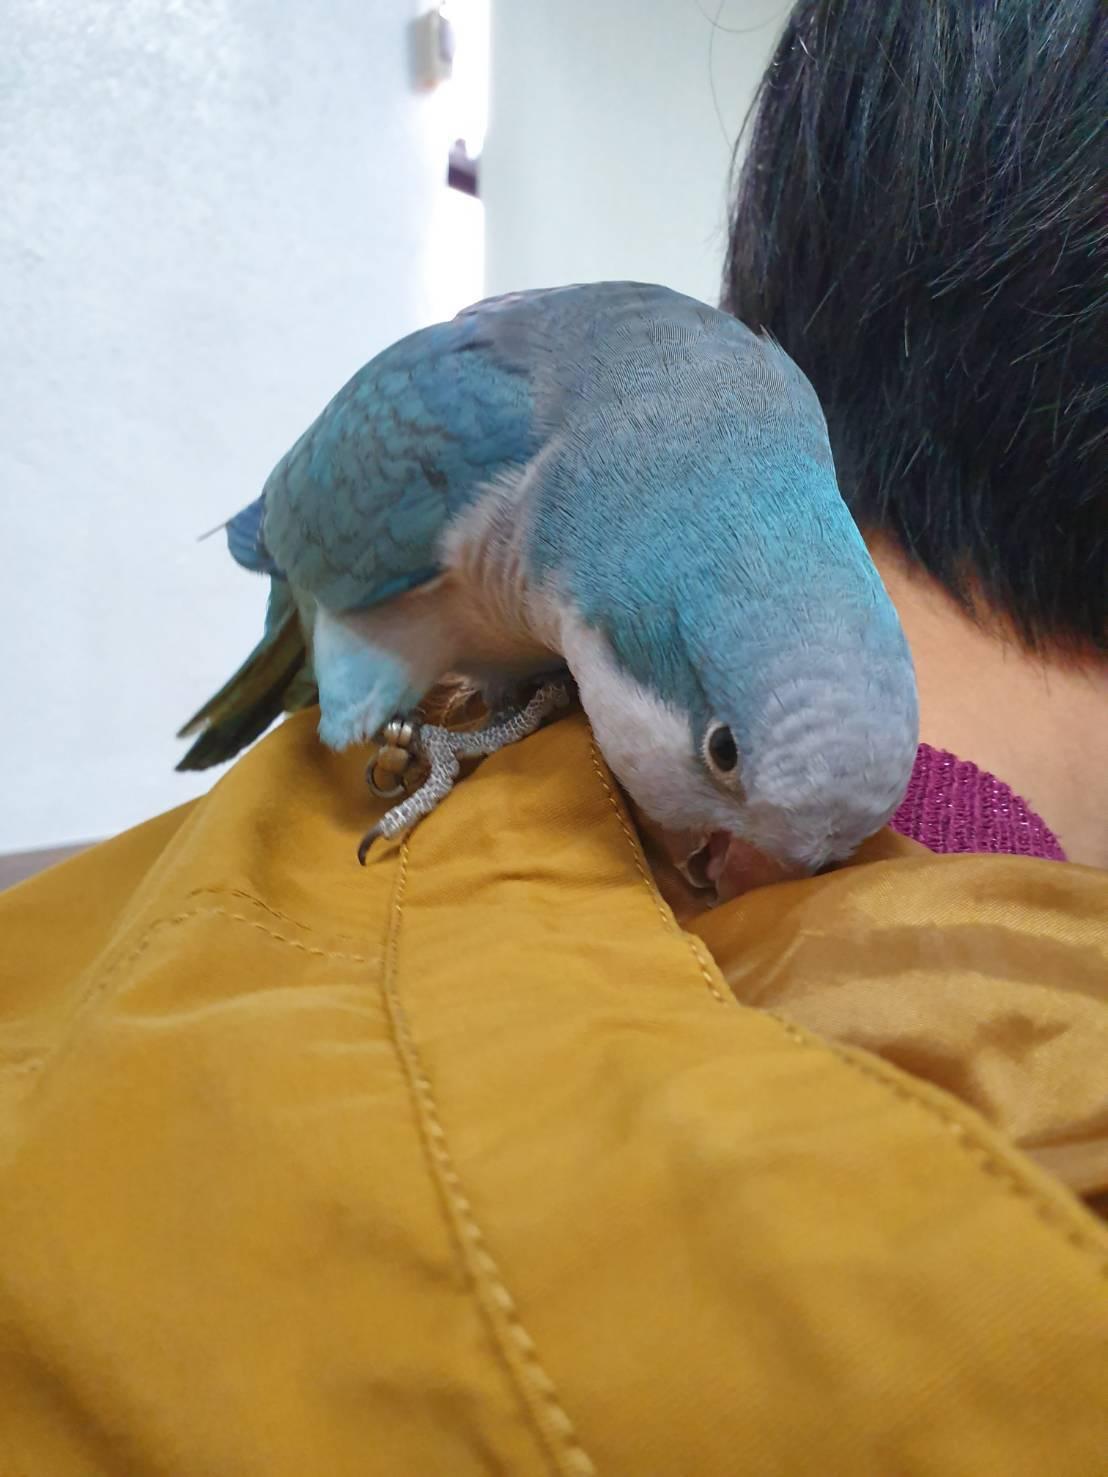 走失的藍色鸚鵡經員警和熱心民眾尋回,失主PO文感謝。圖/台南市警三分局提供